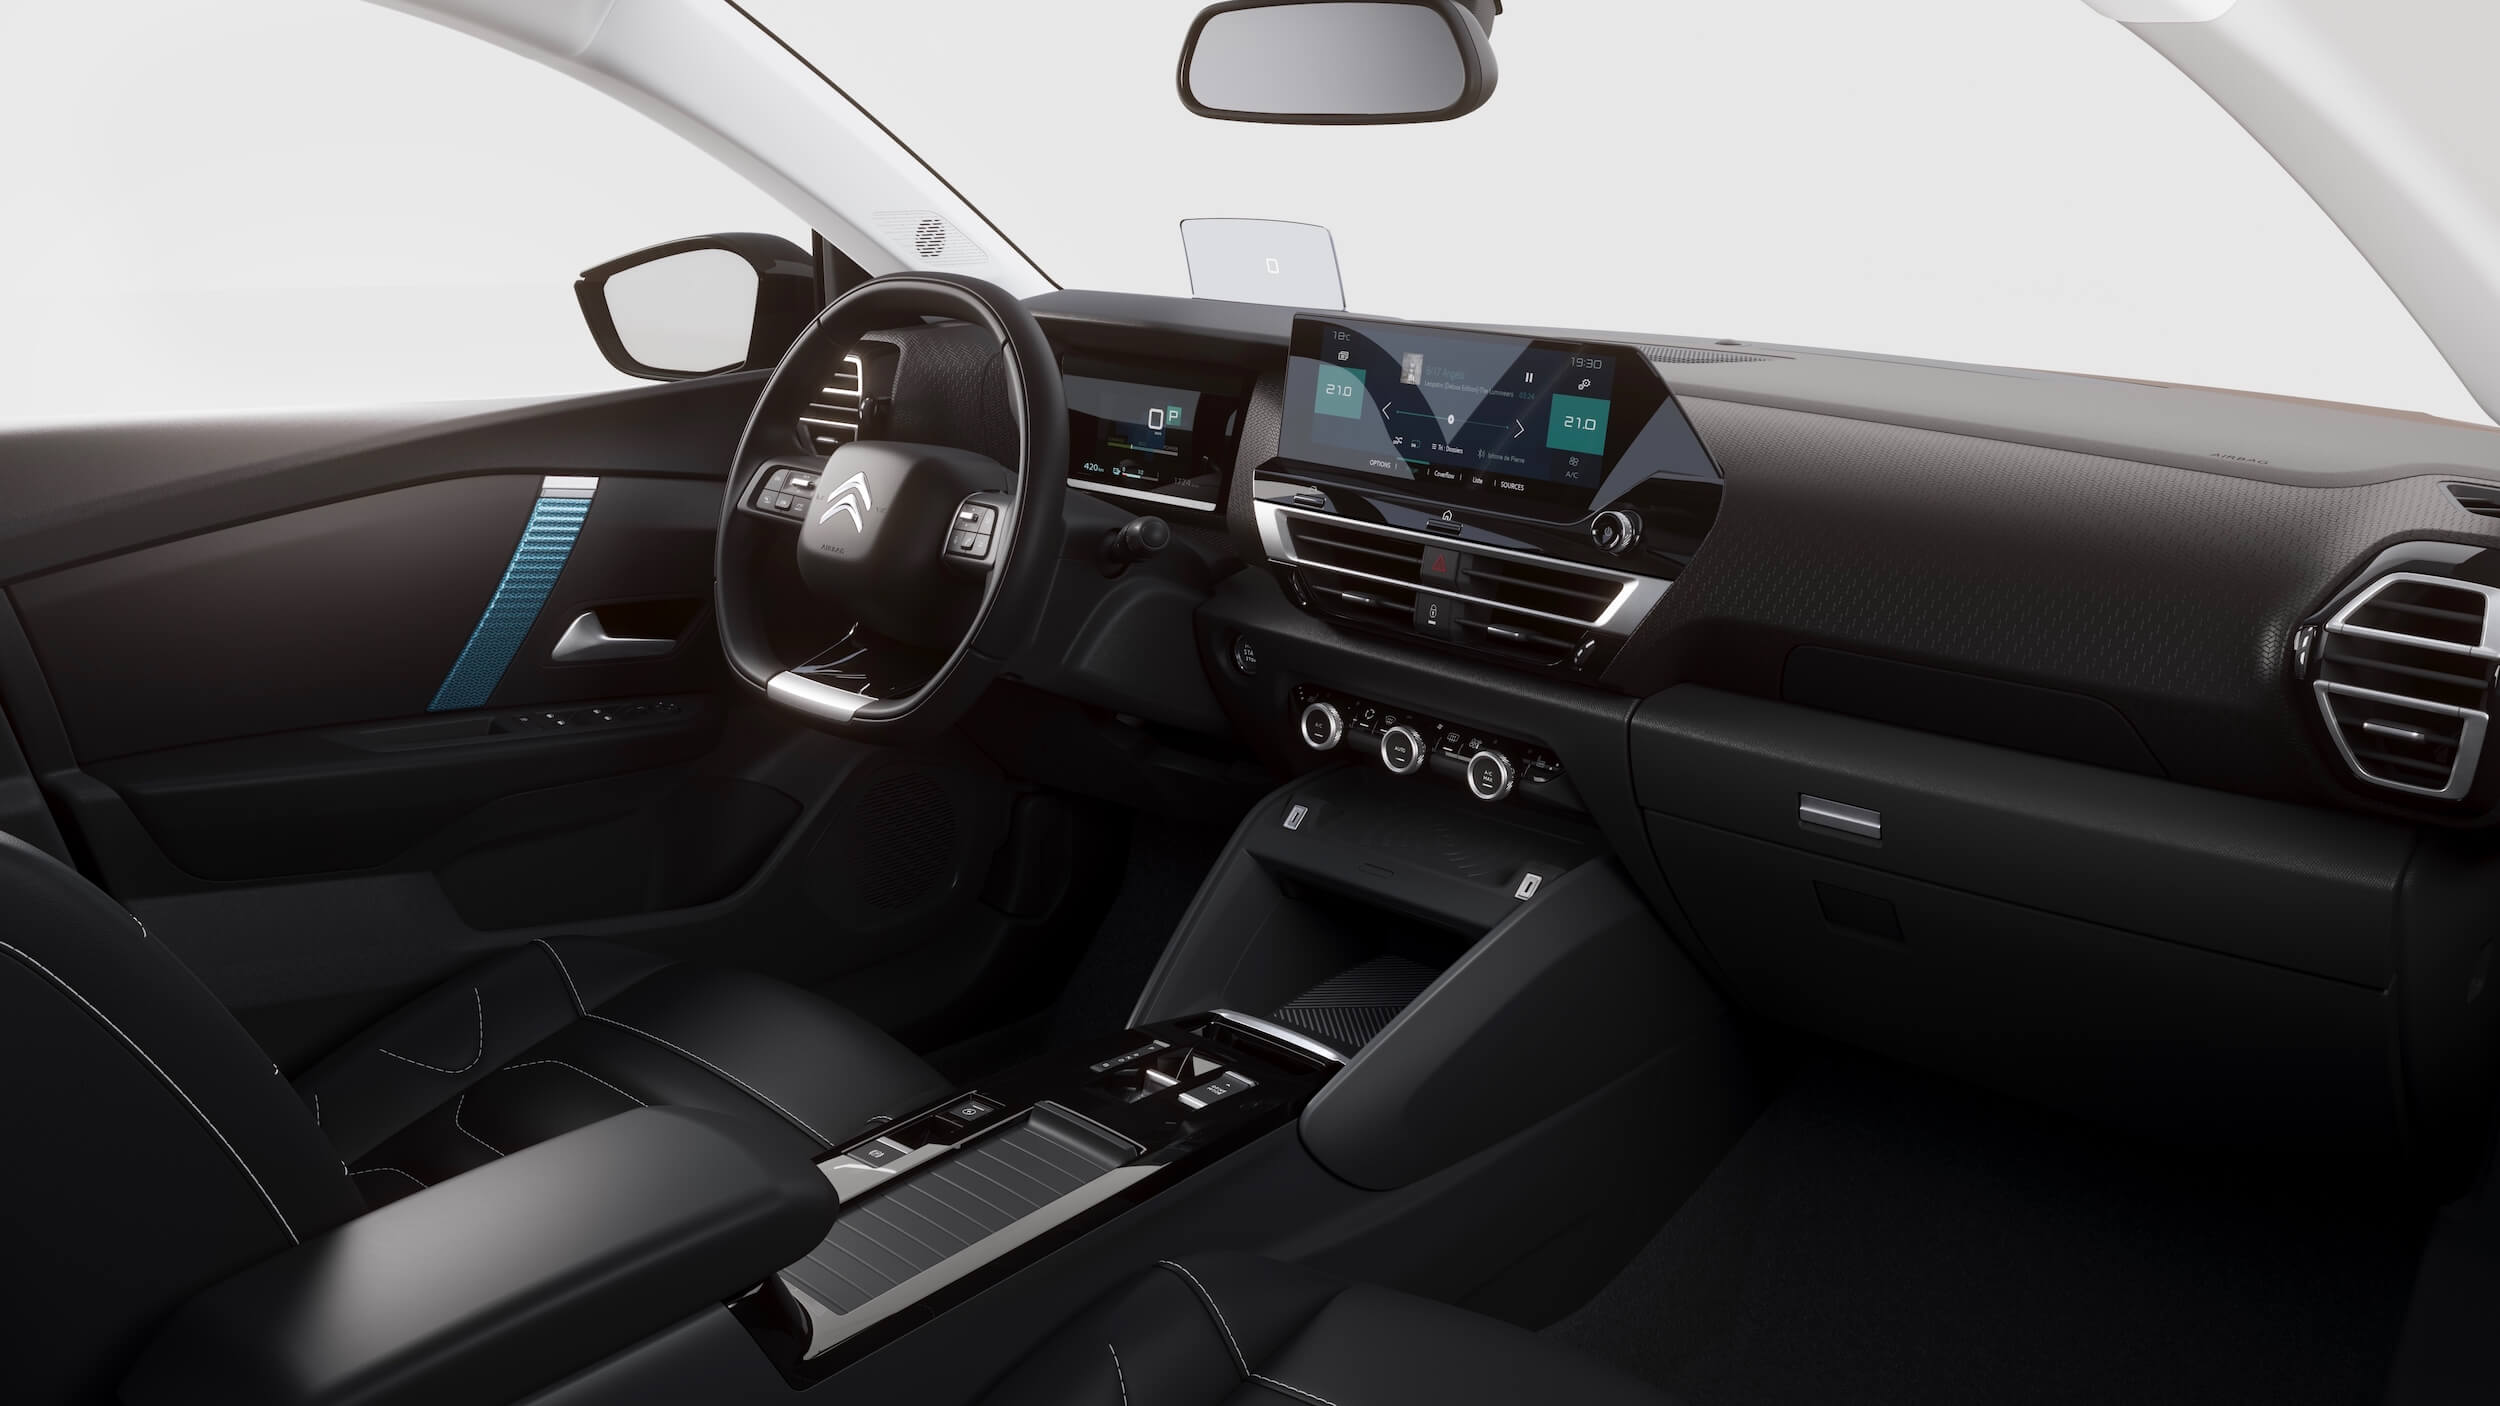 Citroën e C4 interior